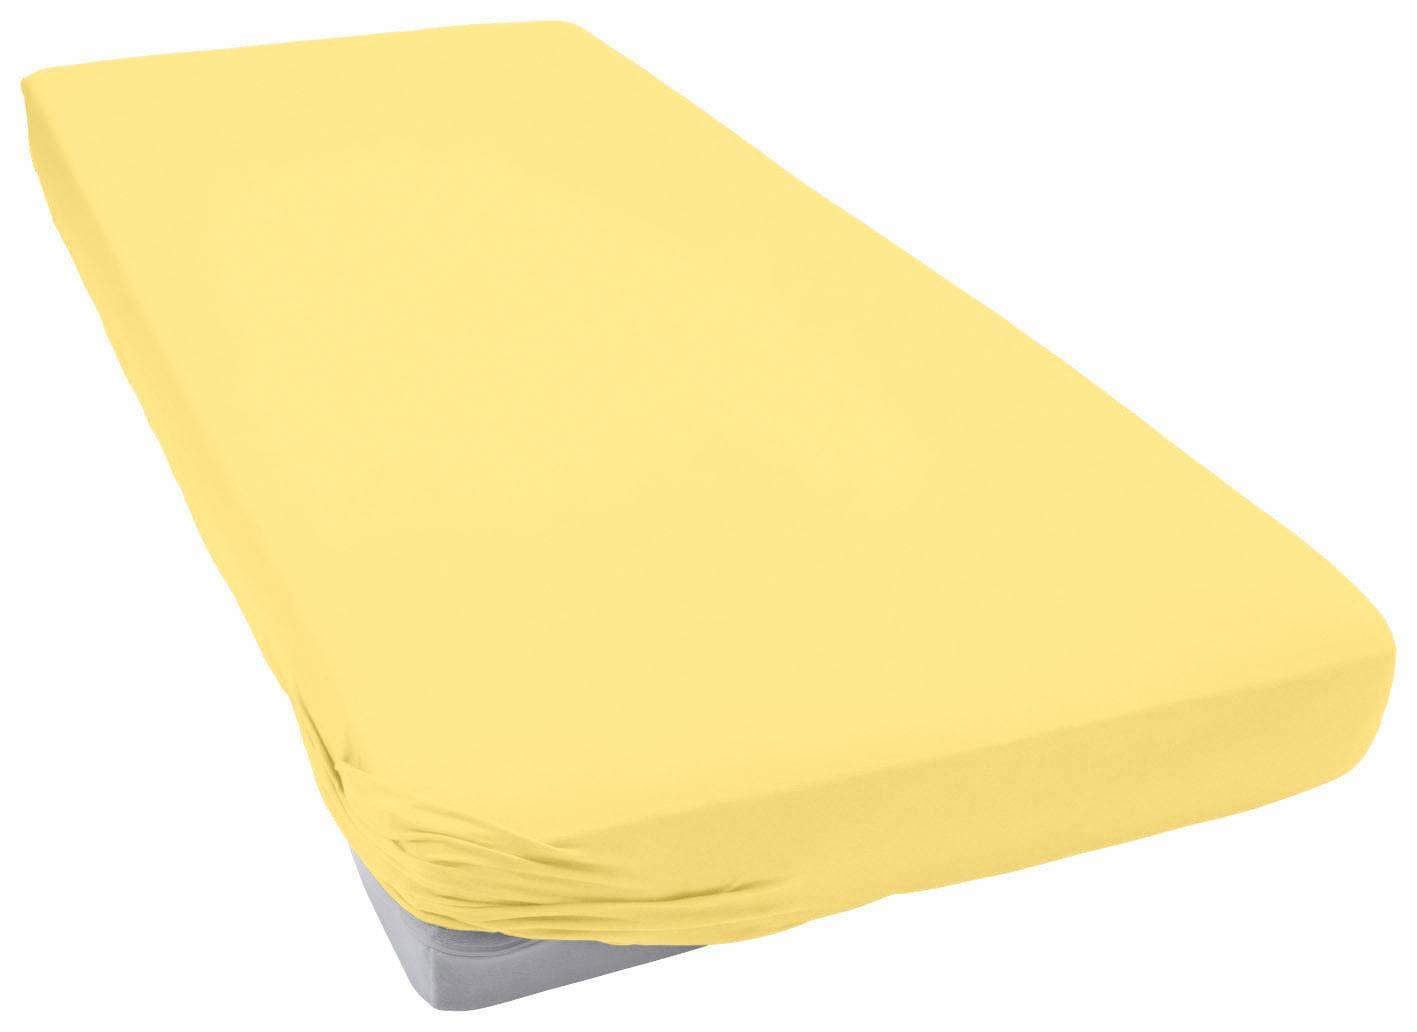 Spannbettlaken »Teddy Flausch«, Primera | Bekleidung > Bademode > Bademäntel | Gelb | Flausch - Biber - Baumwolle - Polyester | PRIMERA FIRST SLEEPWARE